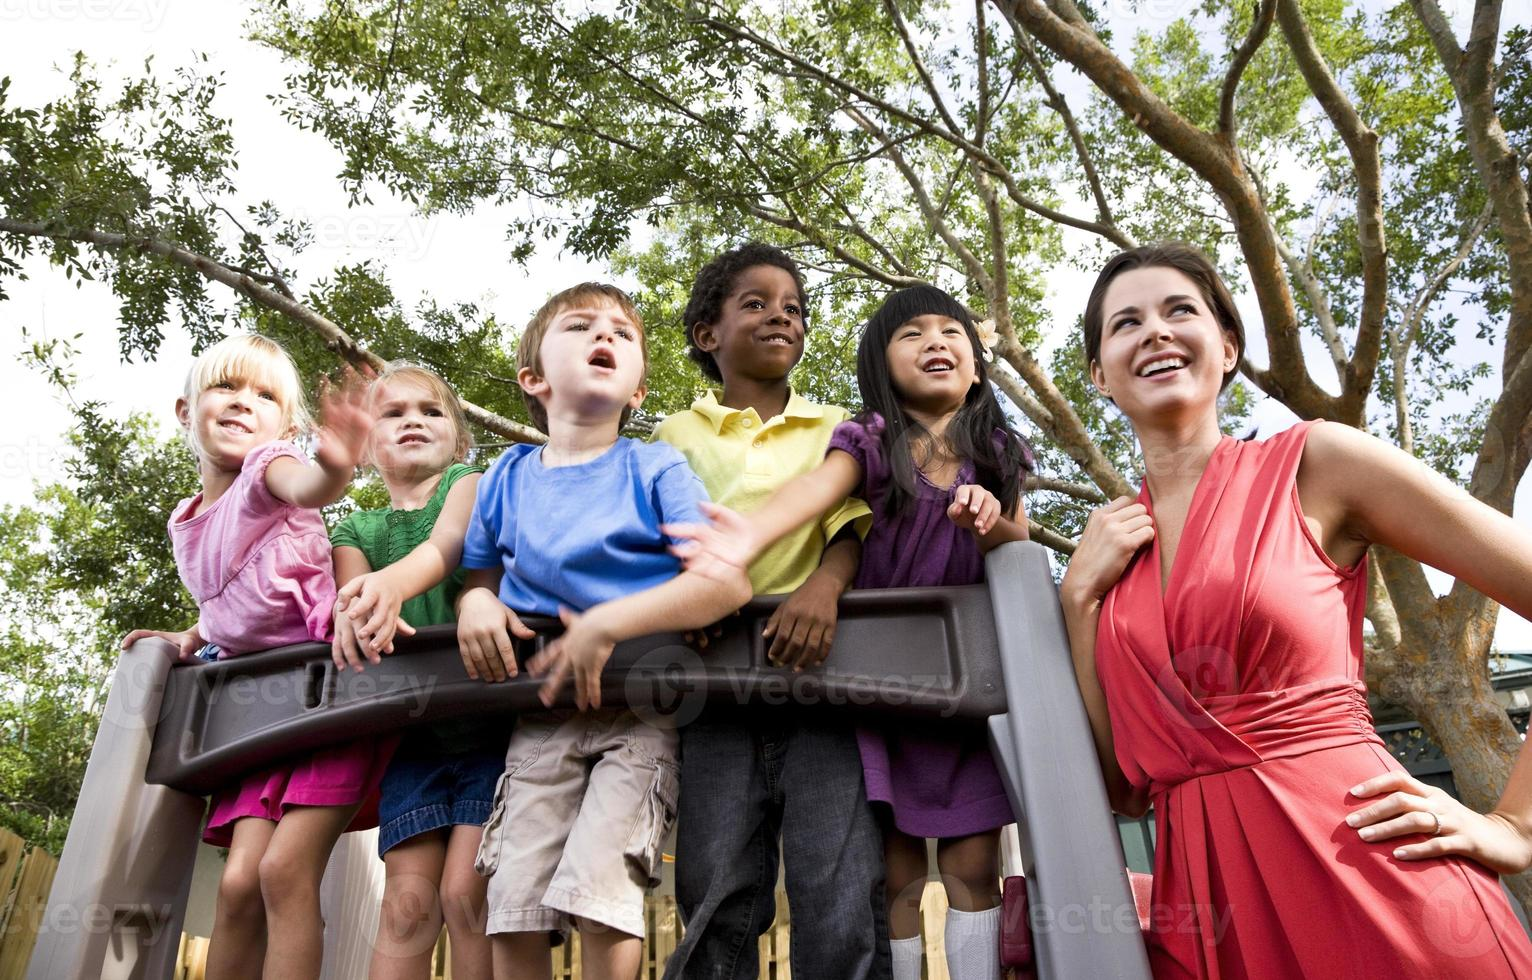 insegnante di scuola materna con gli studenti sul parco giochi guardando fuori foto